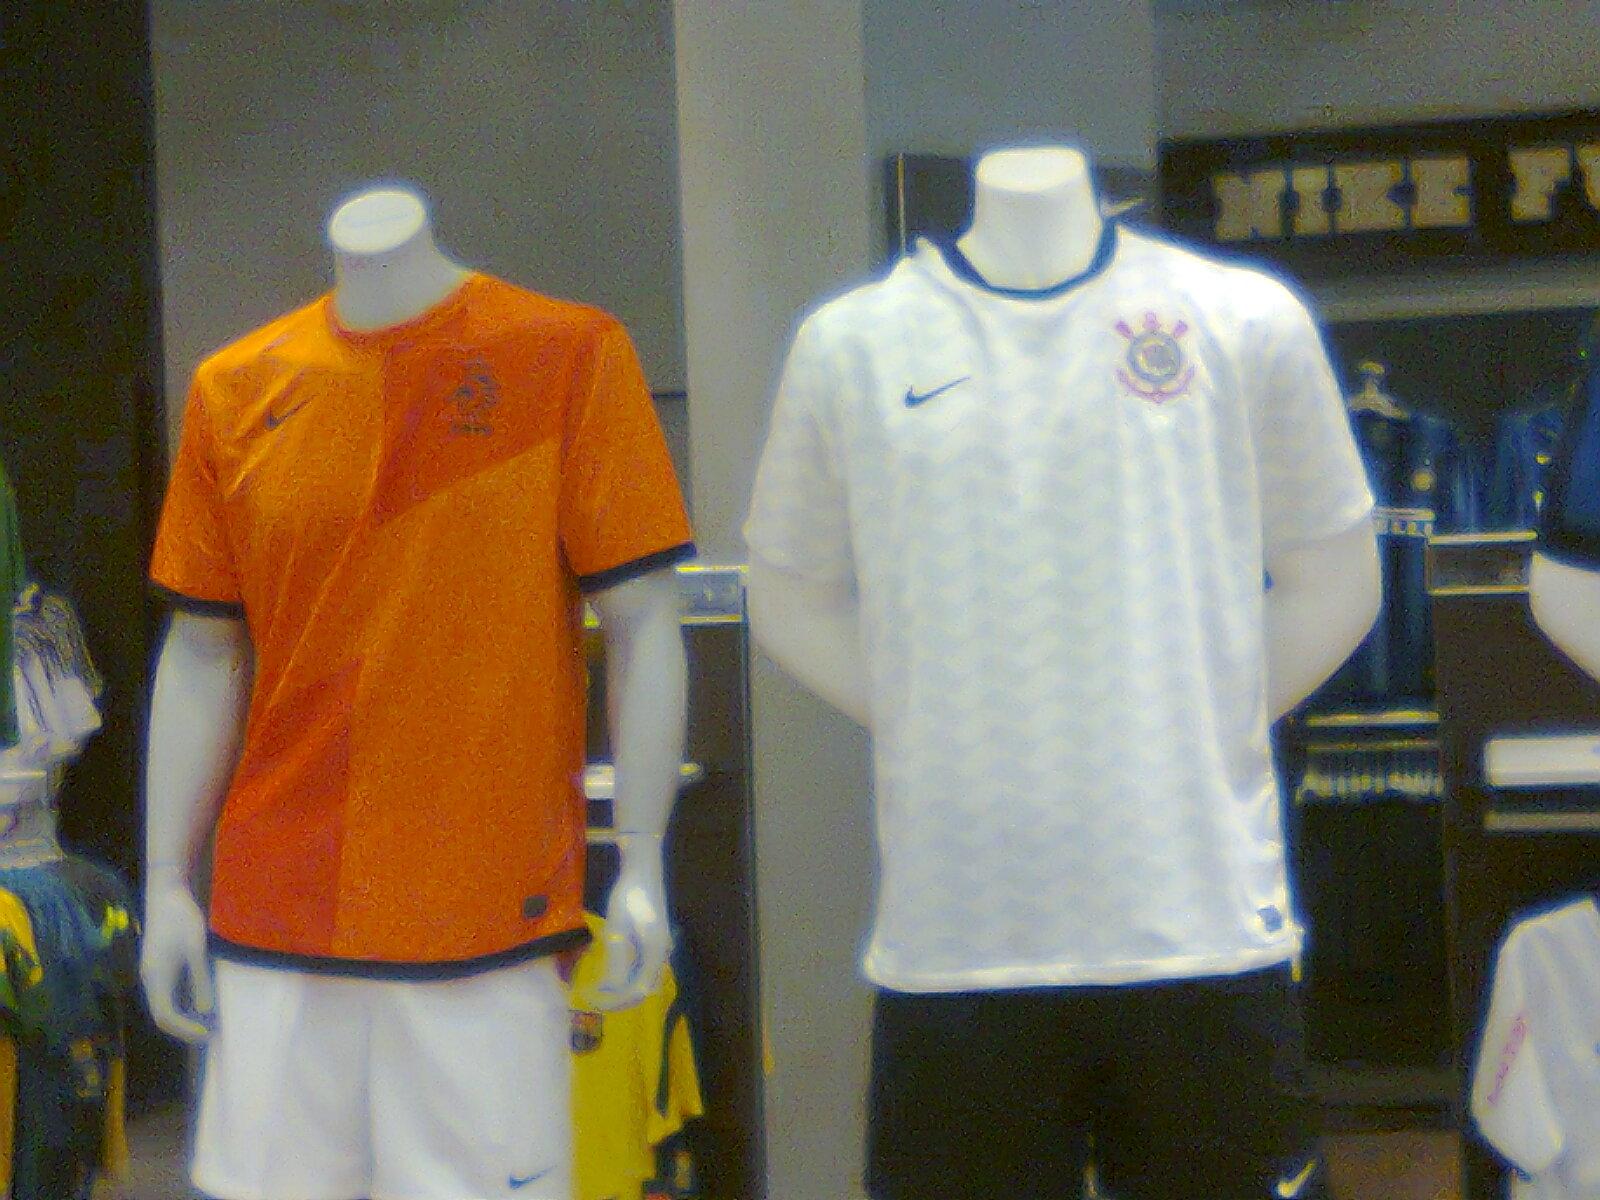 A seleção marroquina de futebol trocou a Puma pela Adidas. A nova camisa  tem a cor vermelha parecida com o vinho fe7196434e972